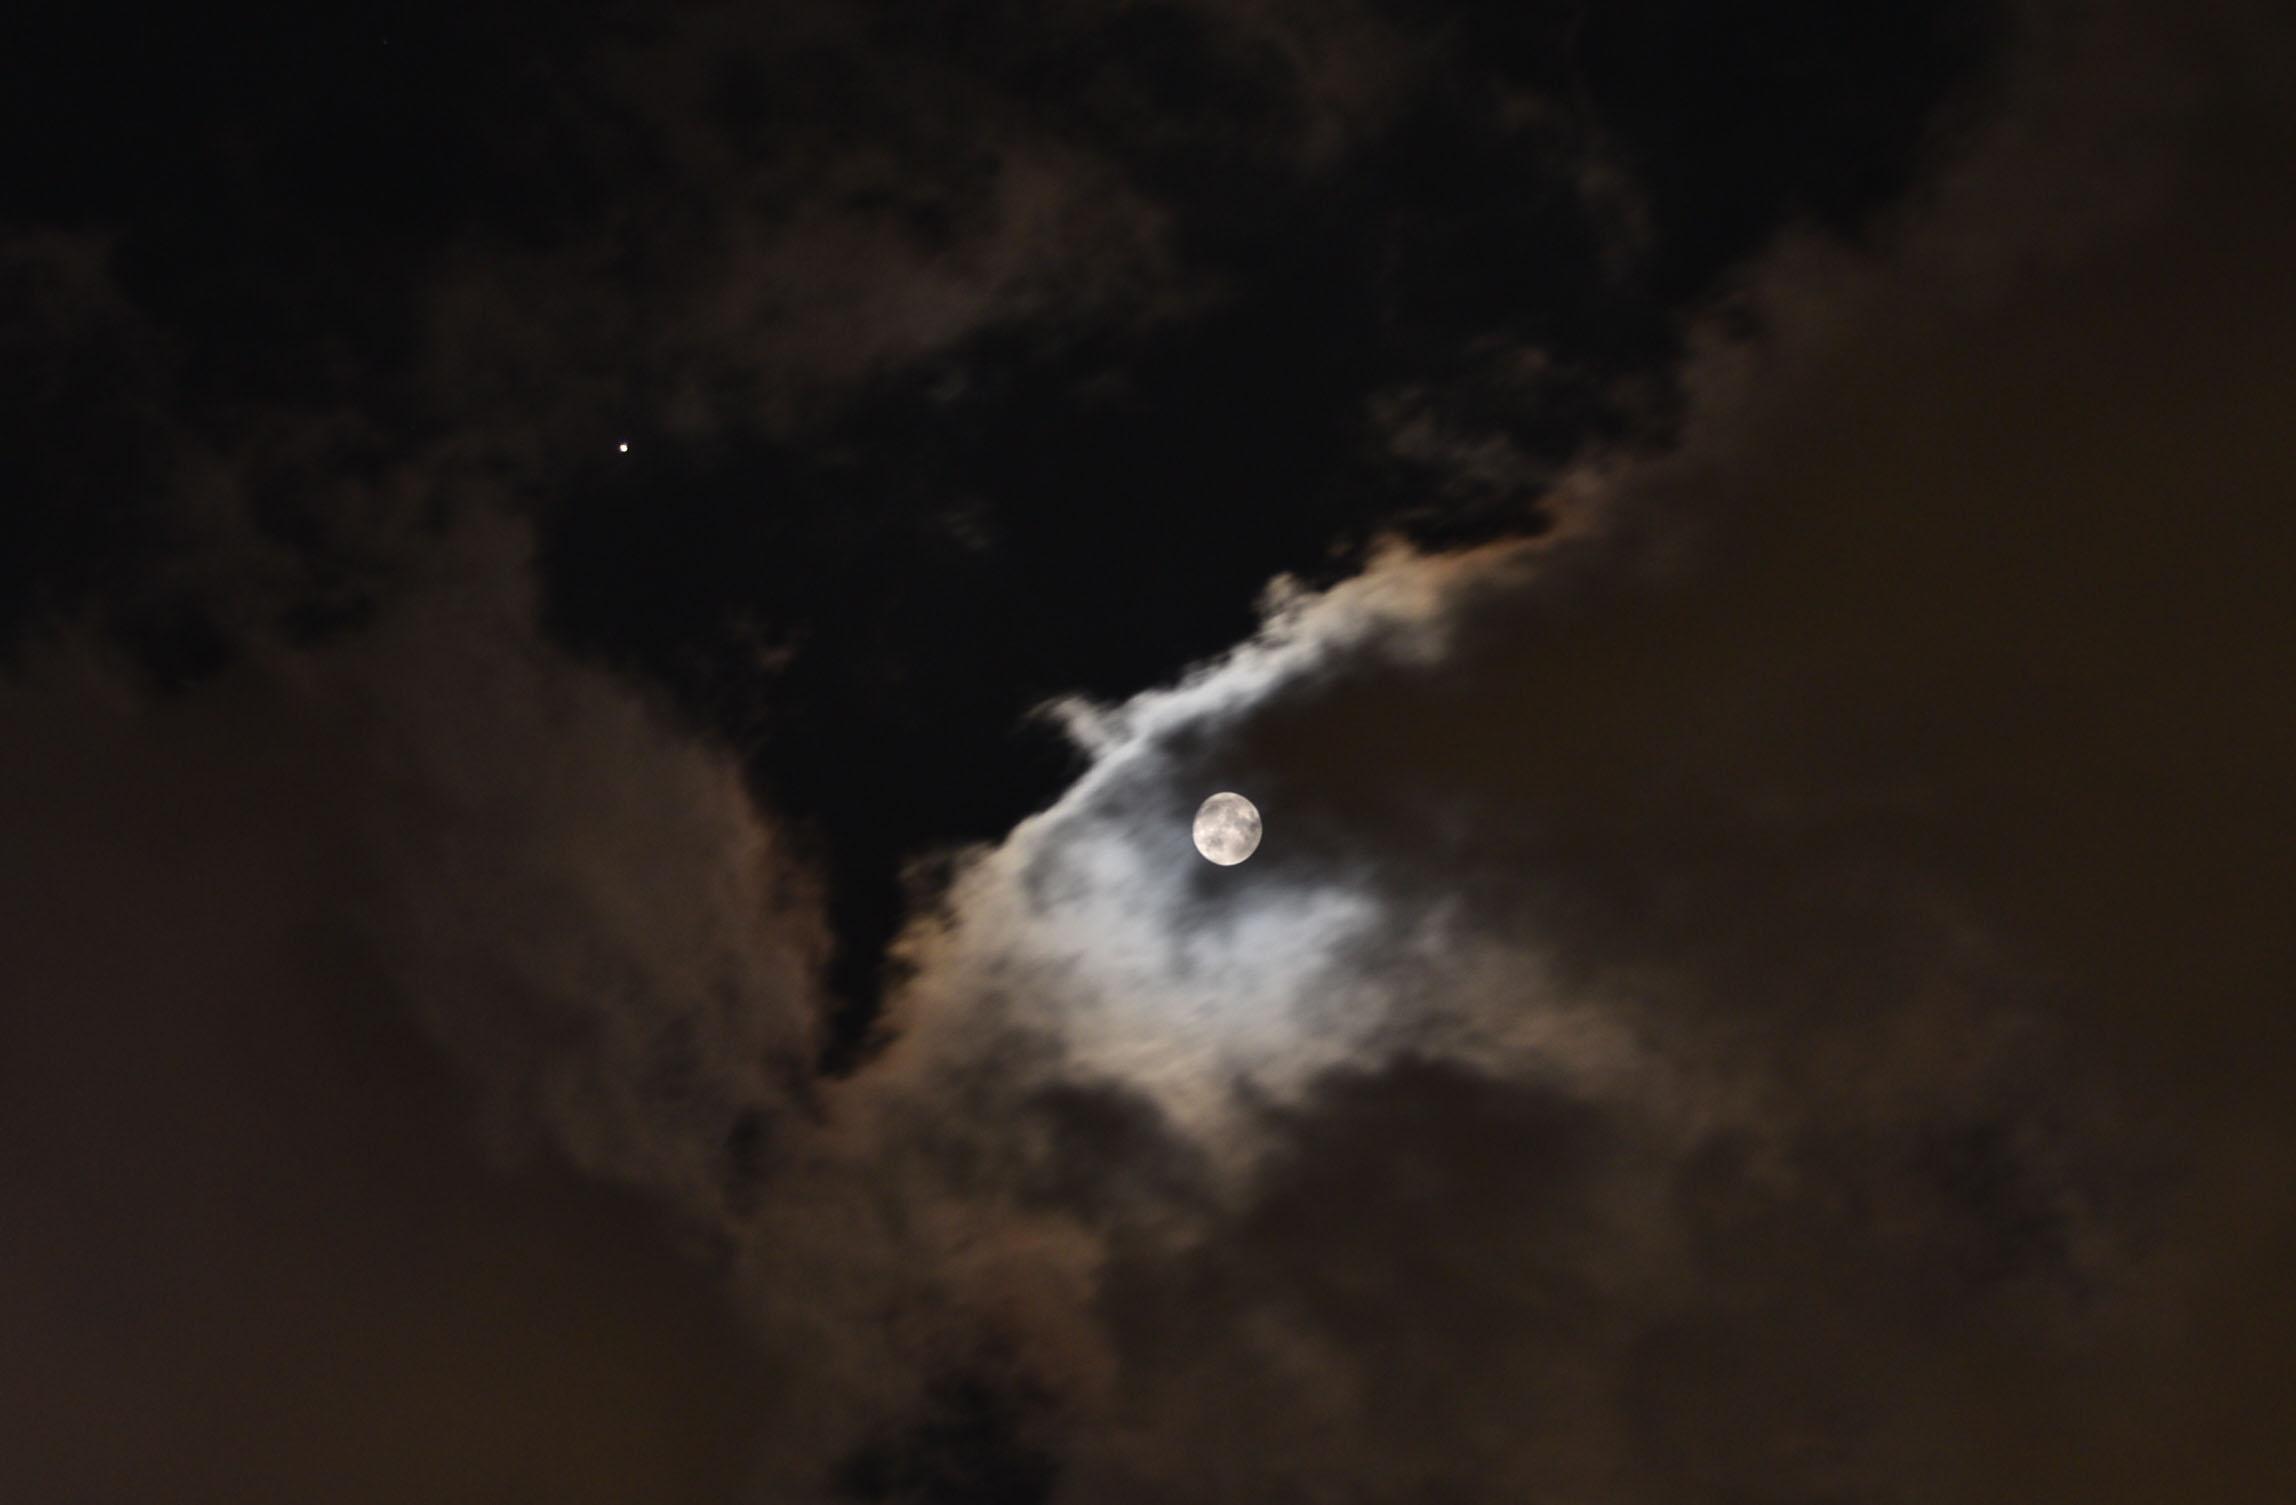 星のソムリエ®が選ぶ、今月の星の見どころベスト3【2020年11月】の画像 8/10